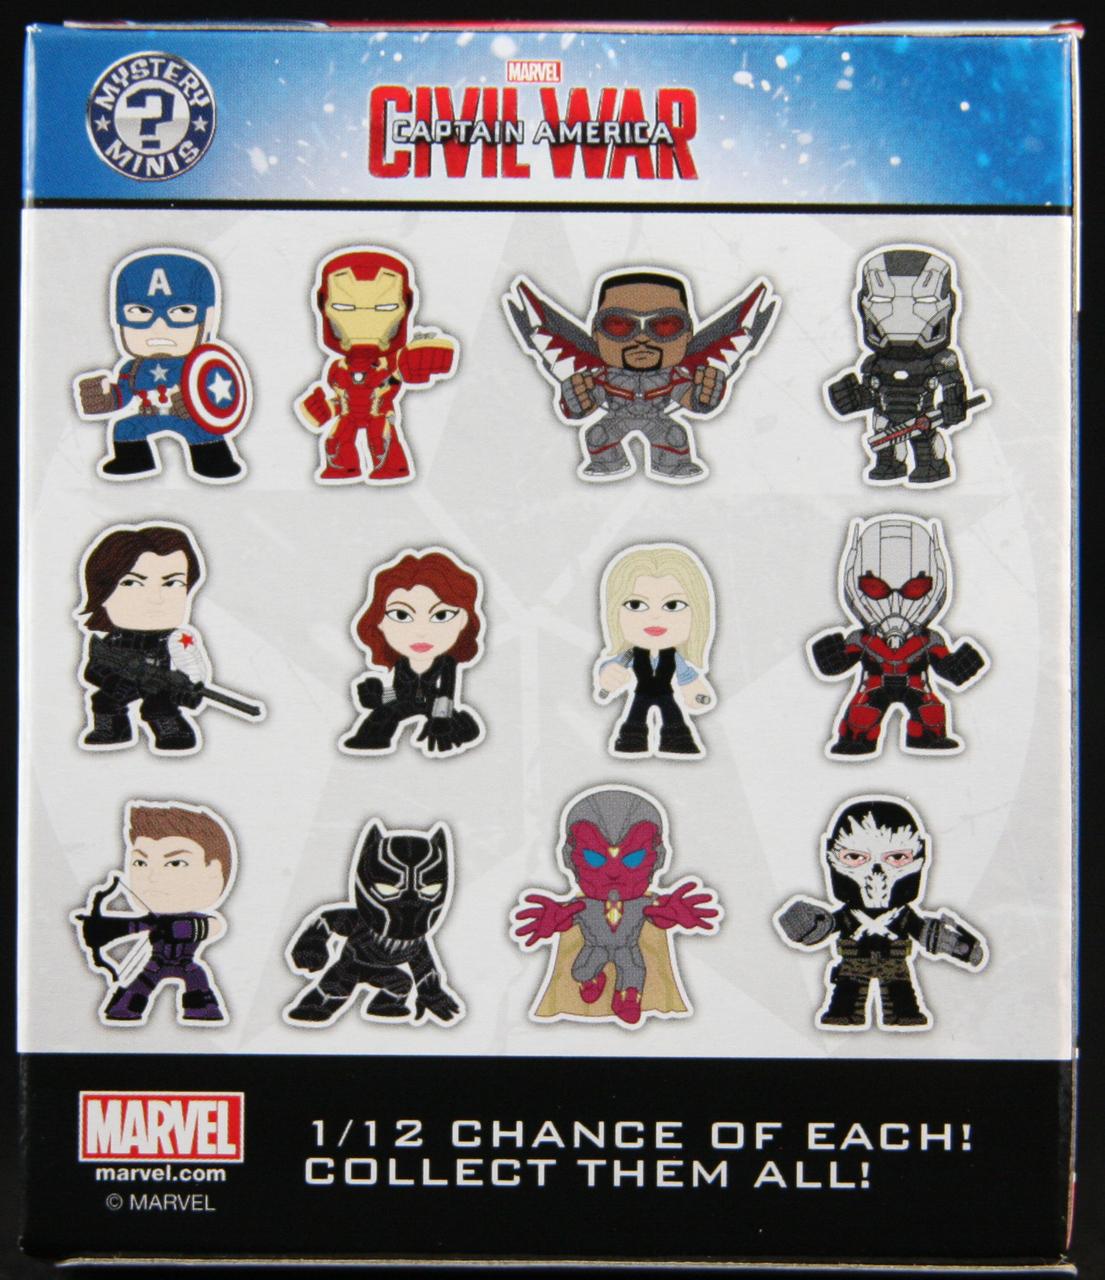 Marvel Captain America 3 Civil War Mystery Mini Blind